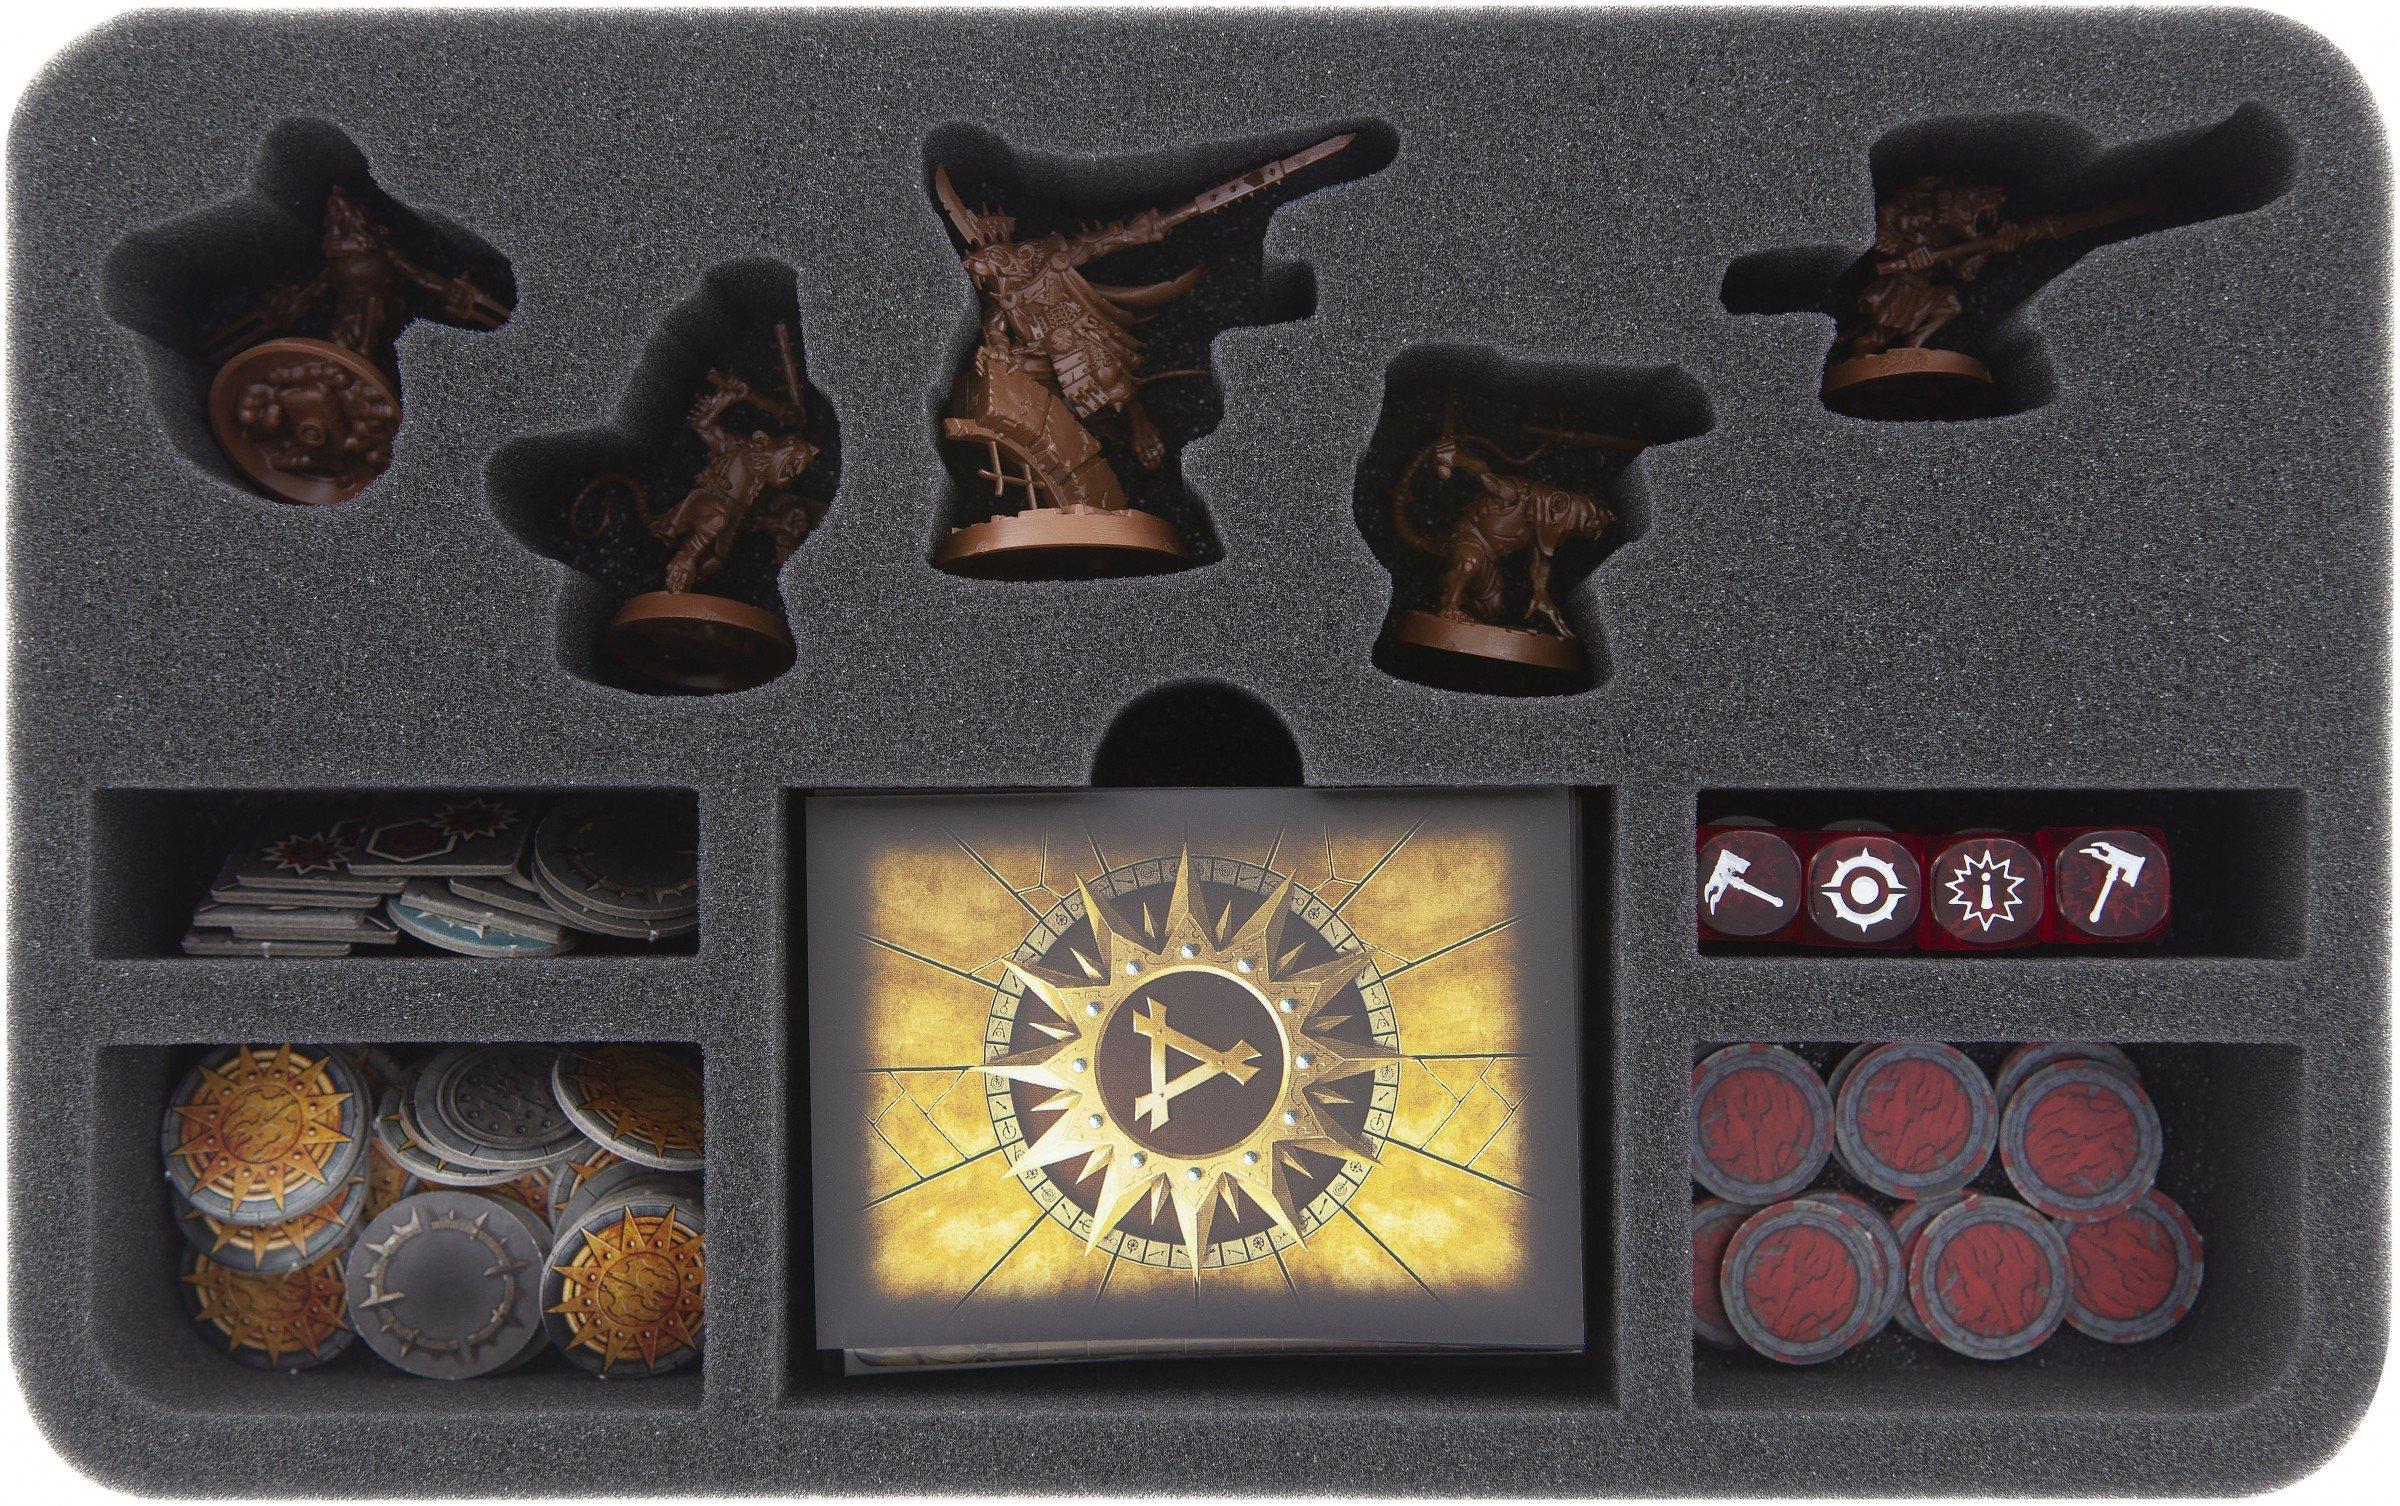 Feldherr HSMEBD050BO 50 mm Foam Tray for Warhammer Underworlds Shadespire: Spiteclaw's Swarm